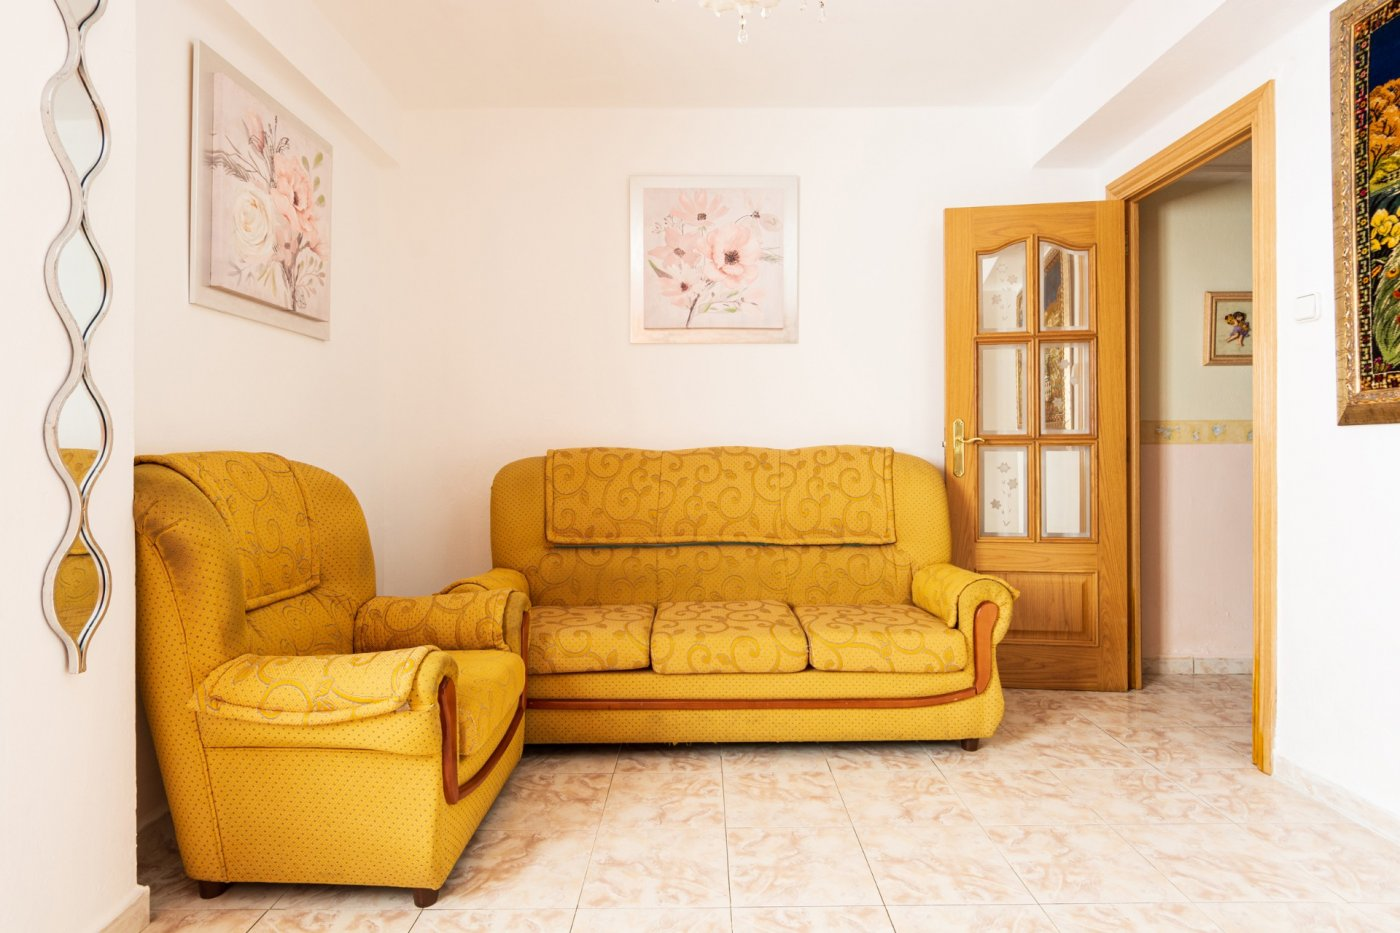 Venta de piso en zaragoza - imagenInmueble13